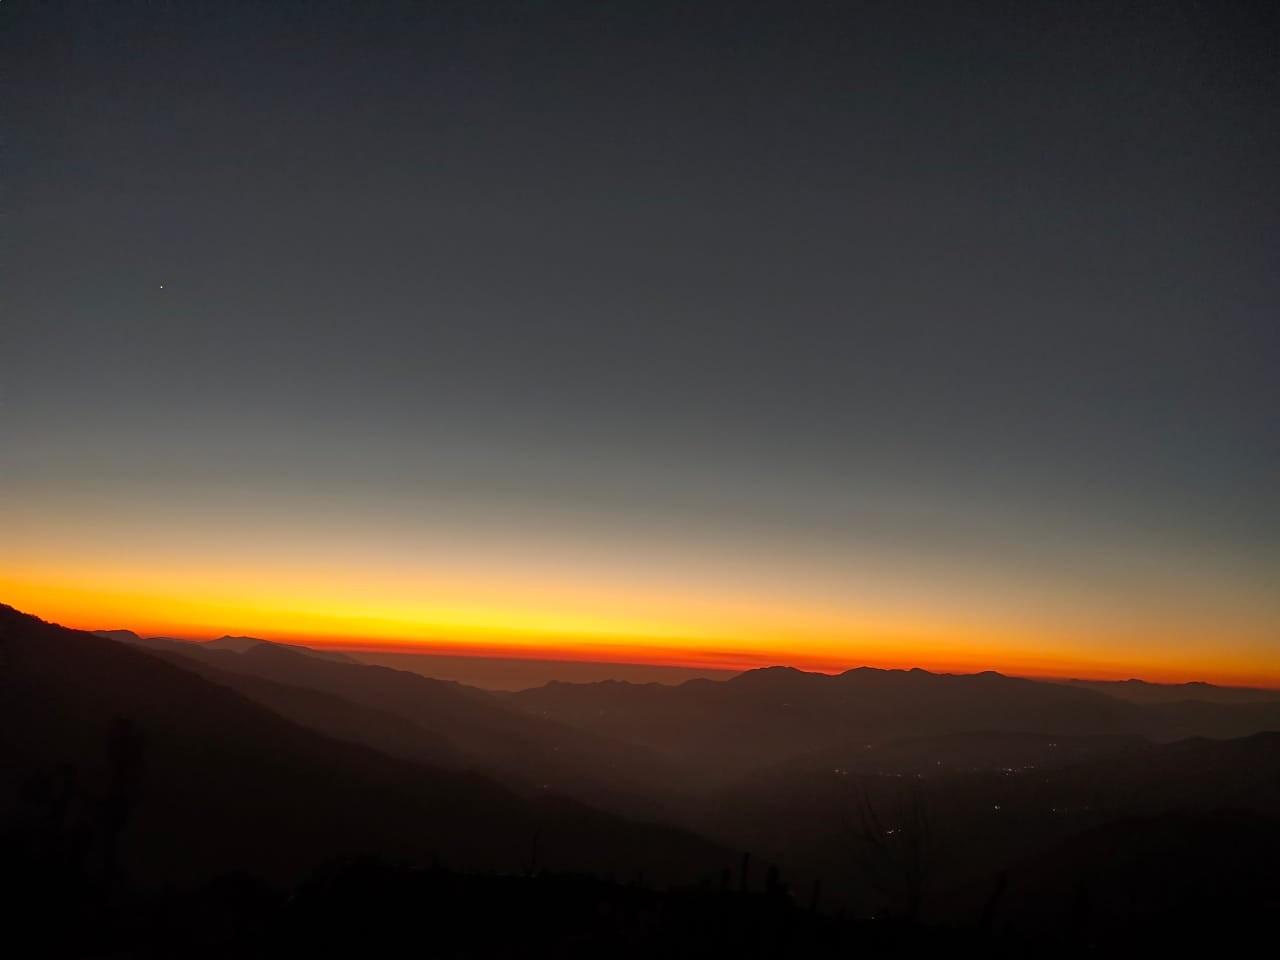 sunset from nag tibba